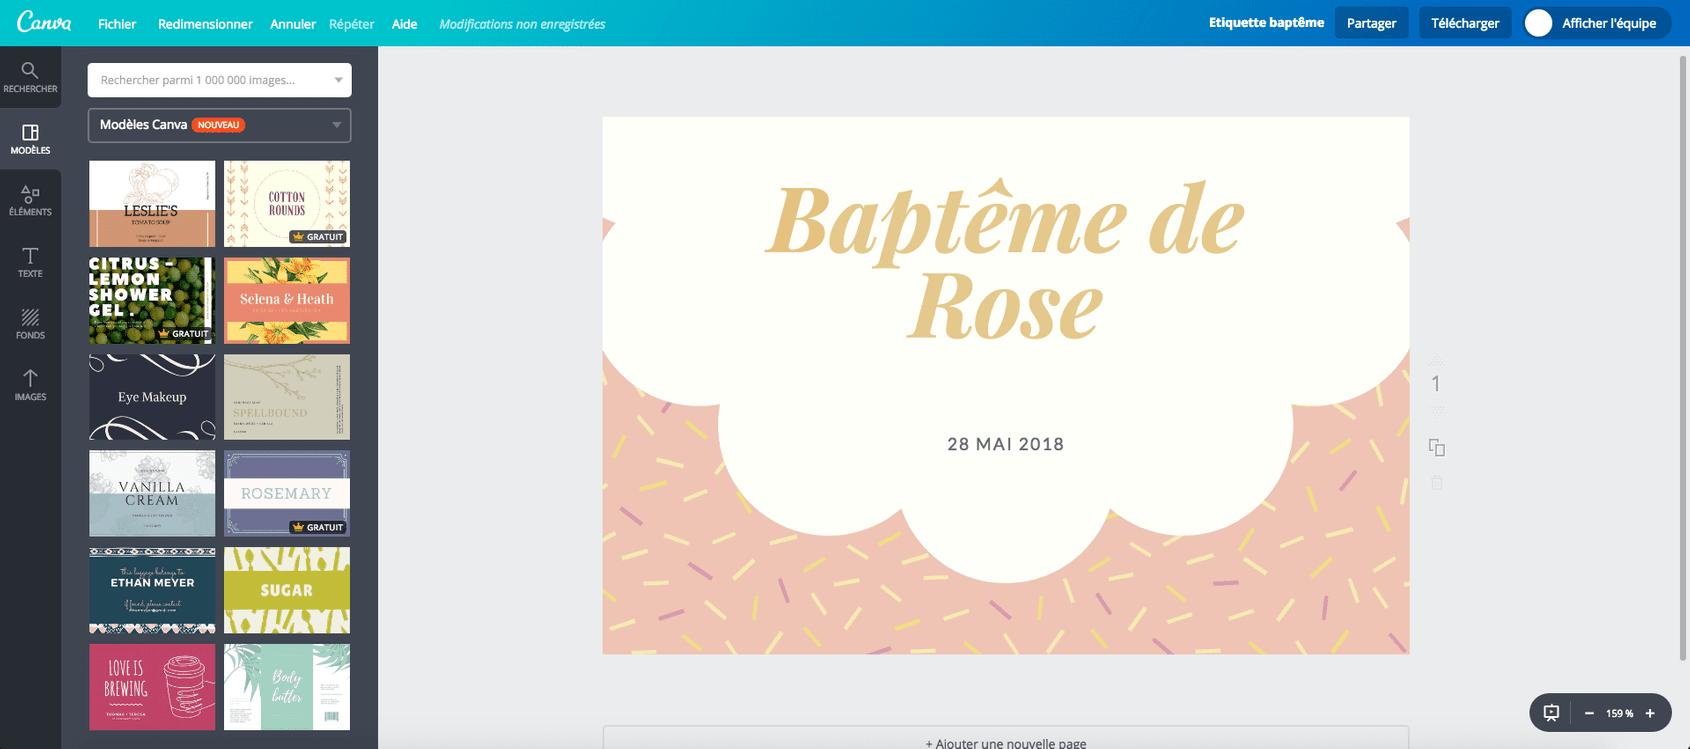 Surréaliste Étiquettes de baptême & dragées à imprimer gratuitement - Canva GS-79